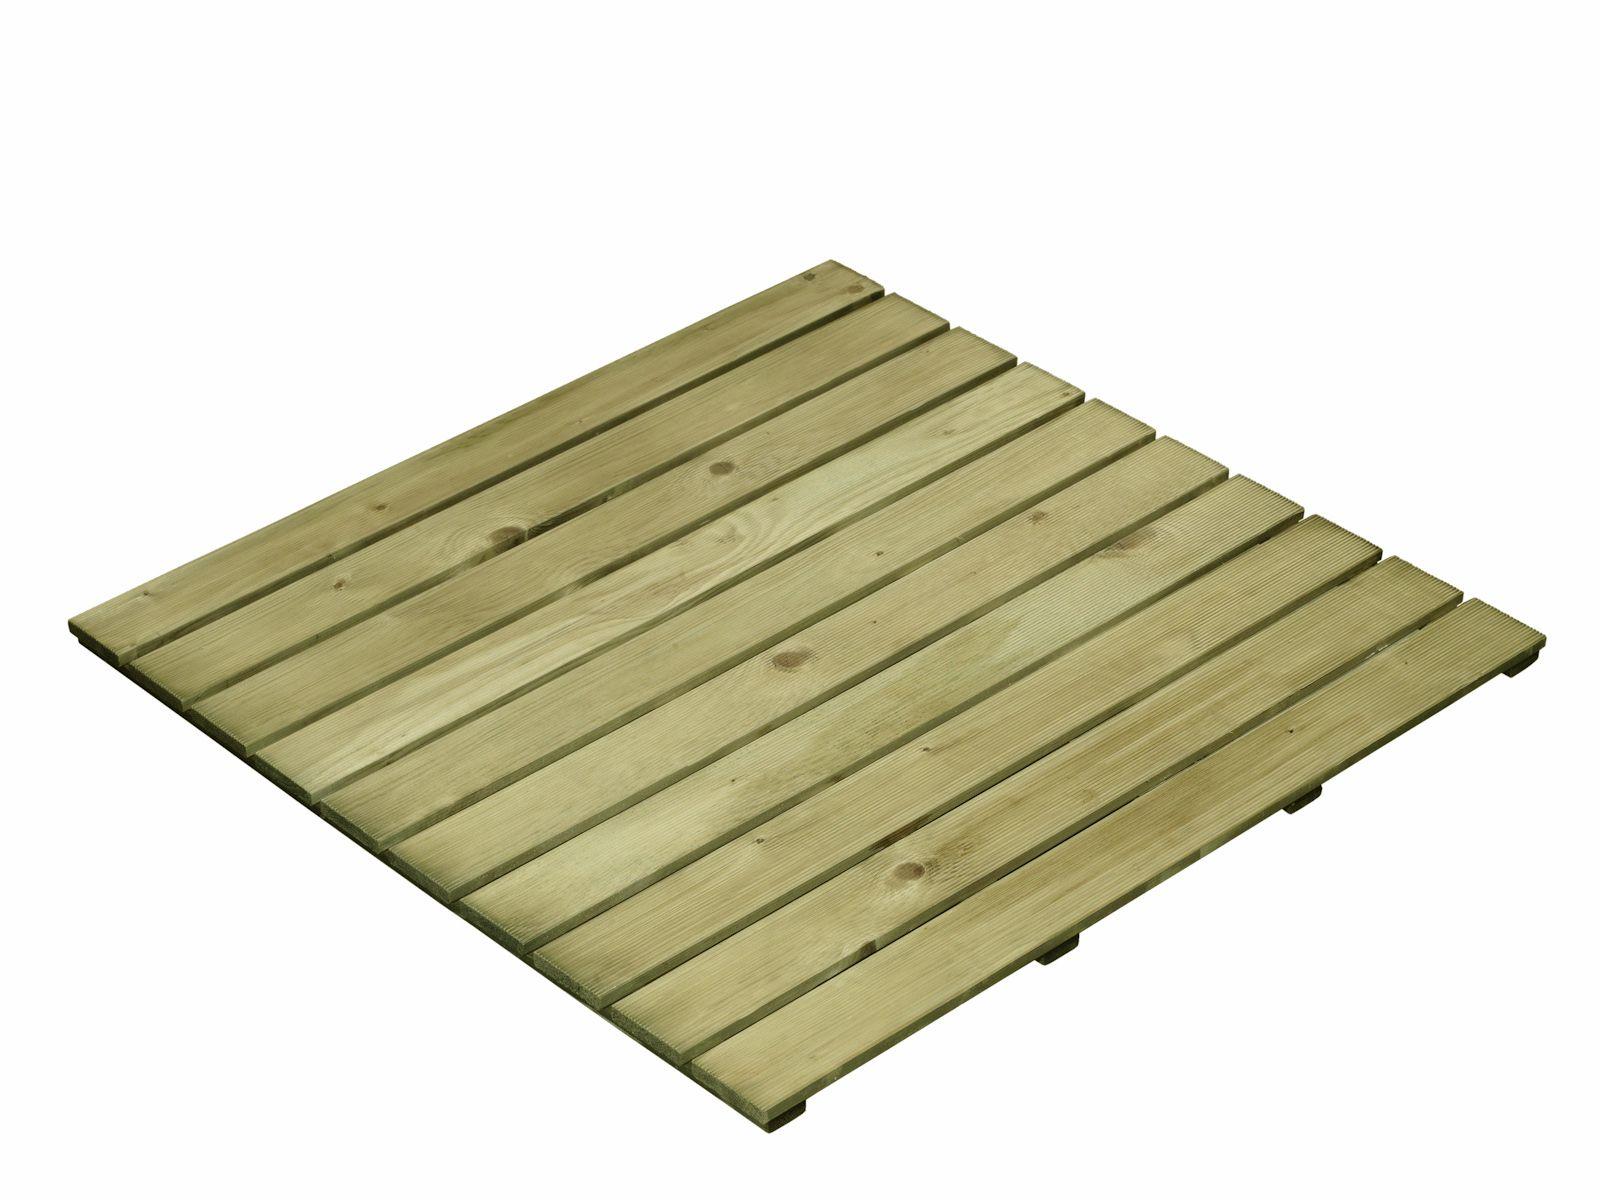 Goedkoop houten tuintegel 100x100 cm aanbieding tegel terras - Houten terras en tegels ...